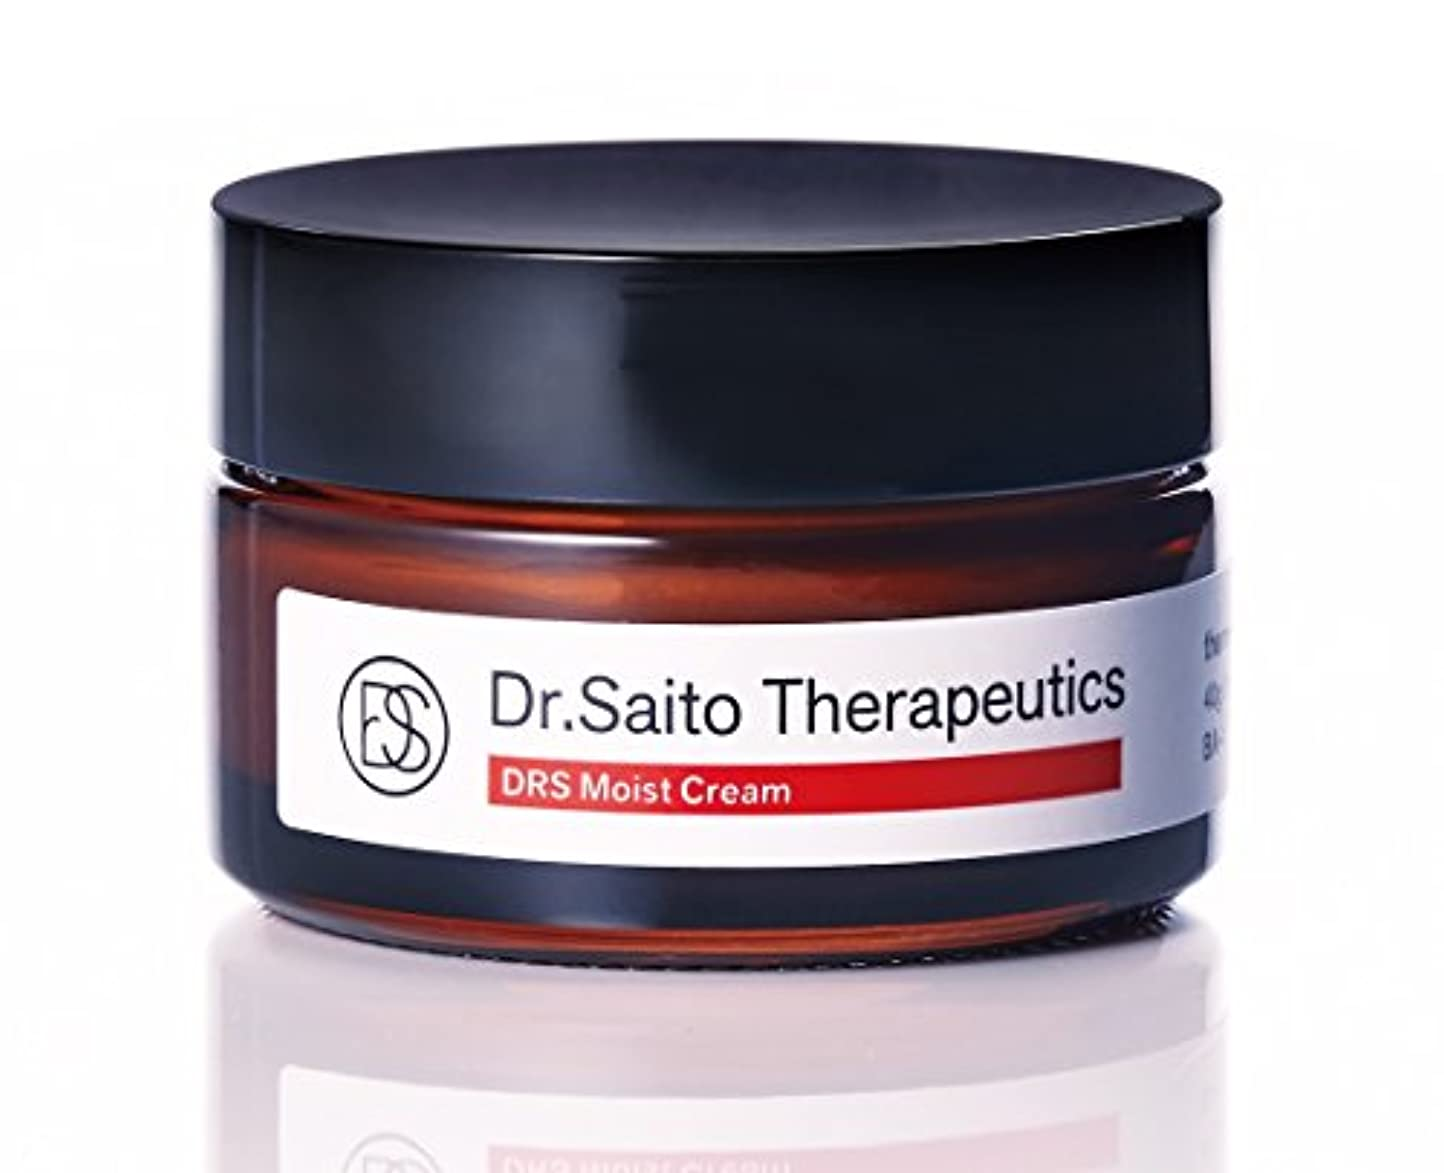 管理する残りビュッフェ日本機能性医学研究所 Dr.Saito Therapeutics「DRS保湿クリーム」40g